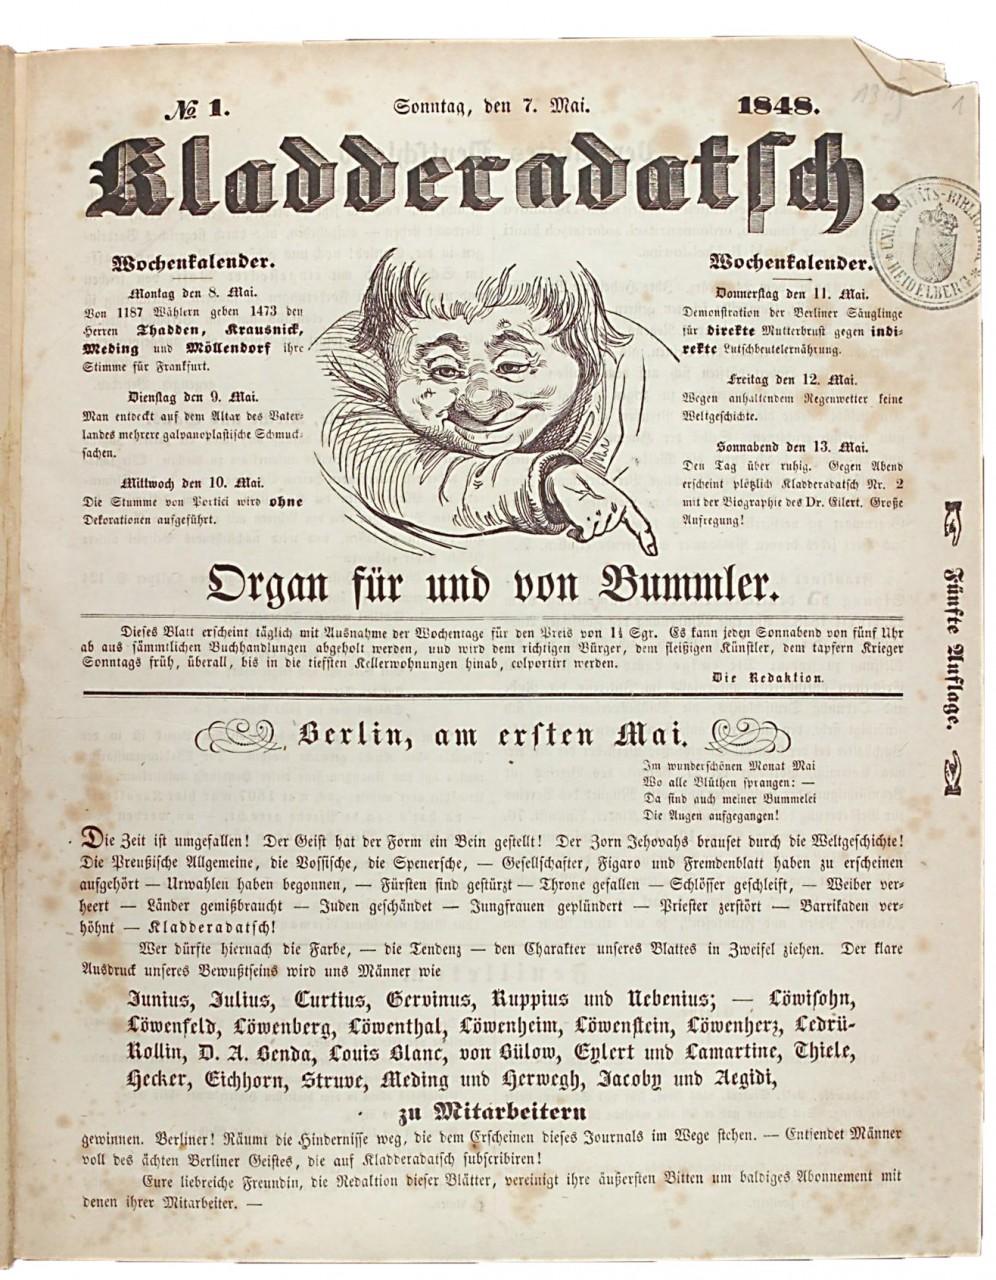 Satire-Zeitschrift in Berlin aus dem Jahr 1848